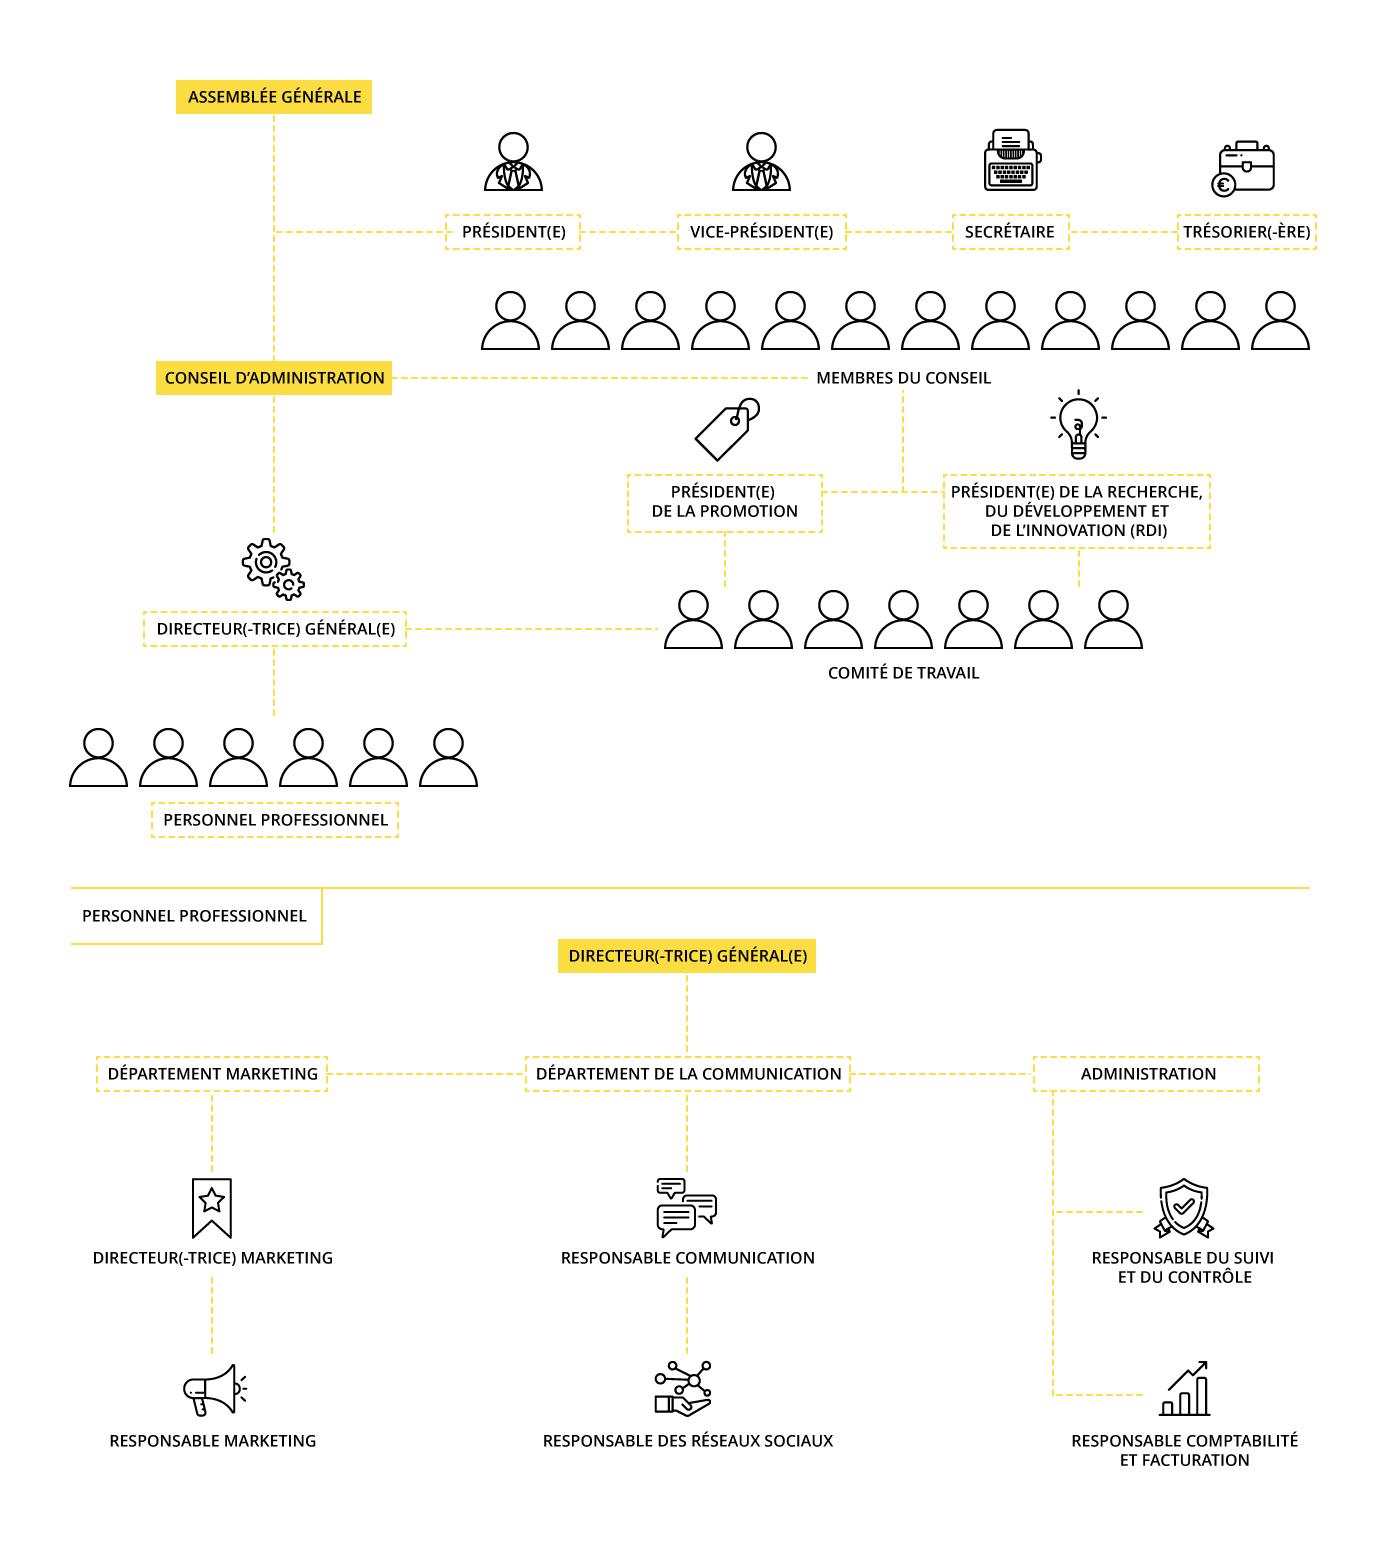 Organigramme de l'Interprofessionnelle de l'Huile d'Olive Espagnole